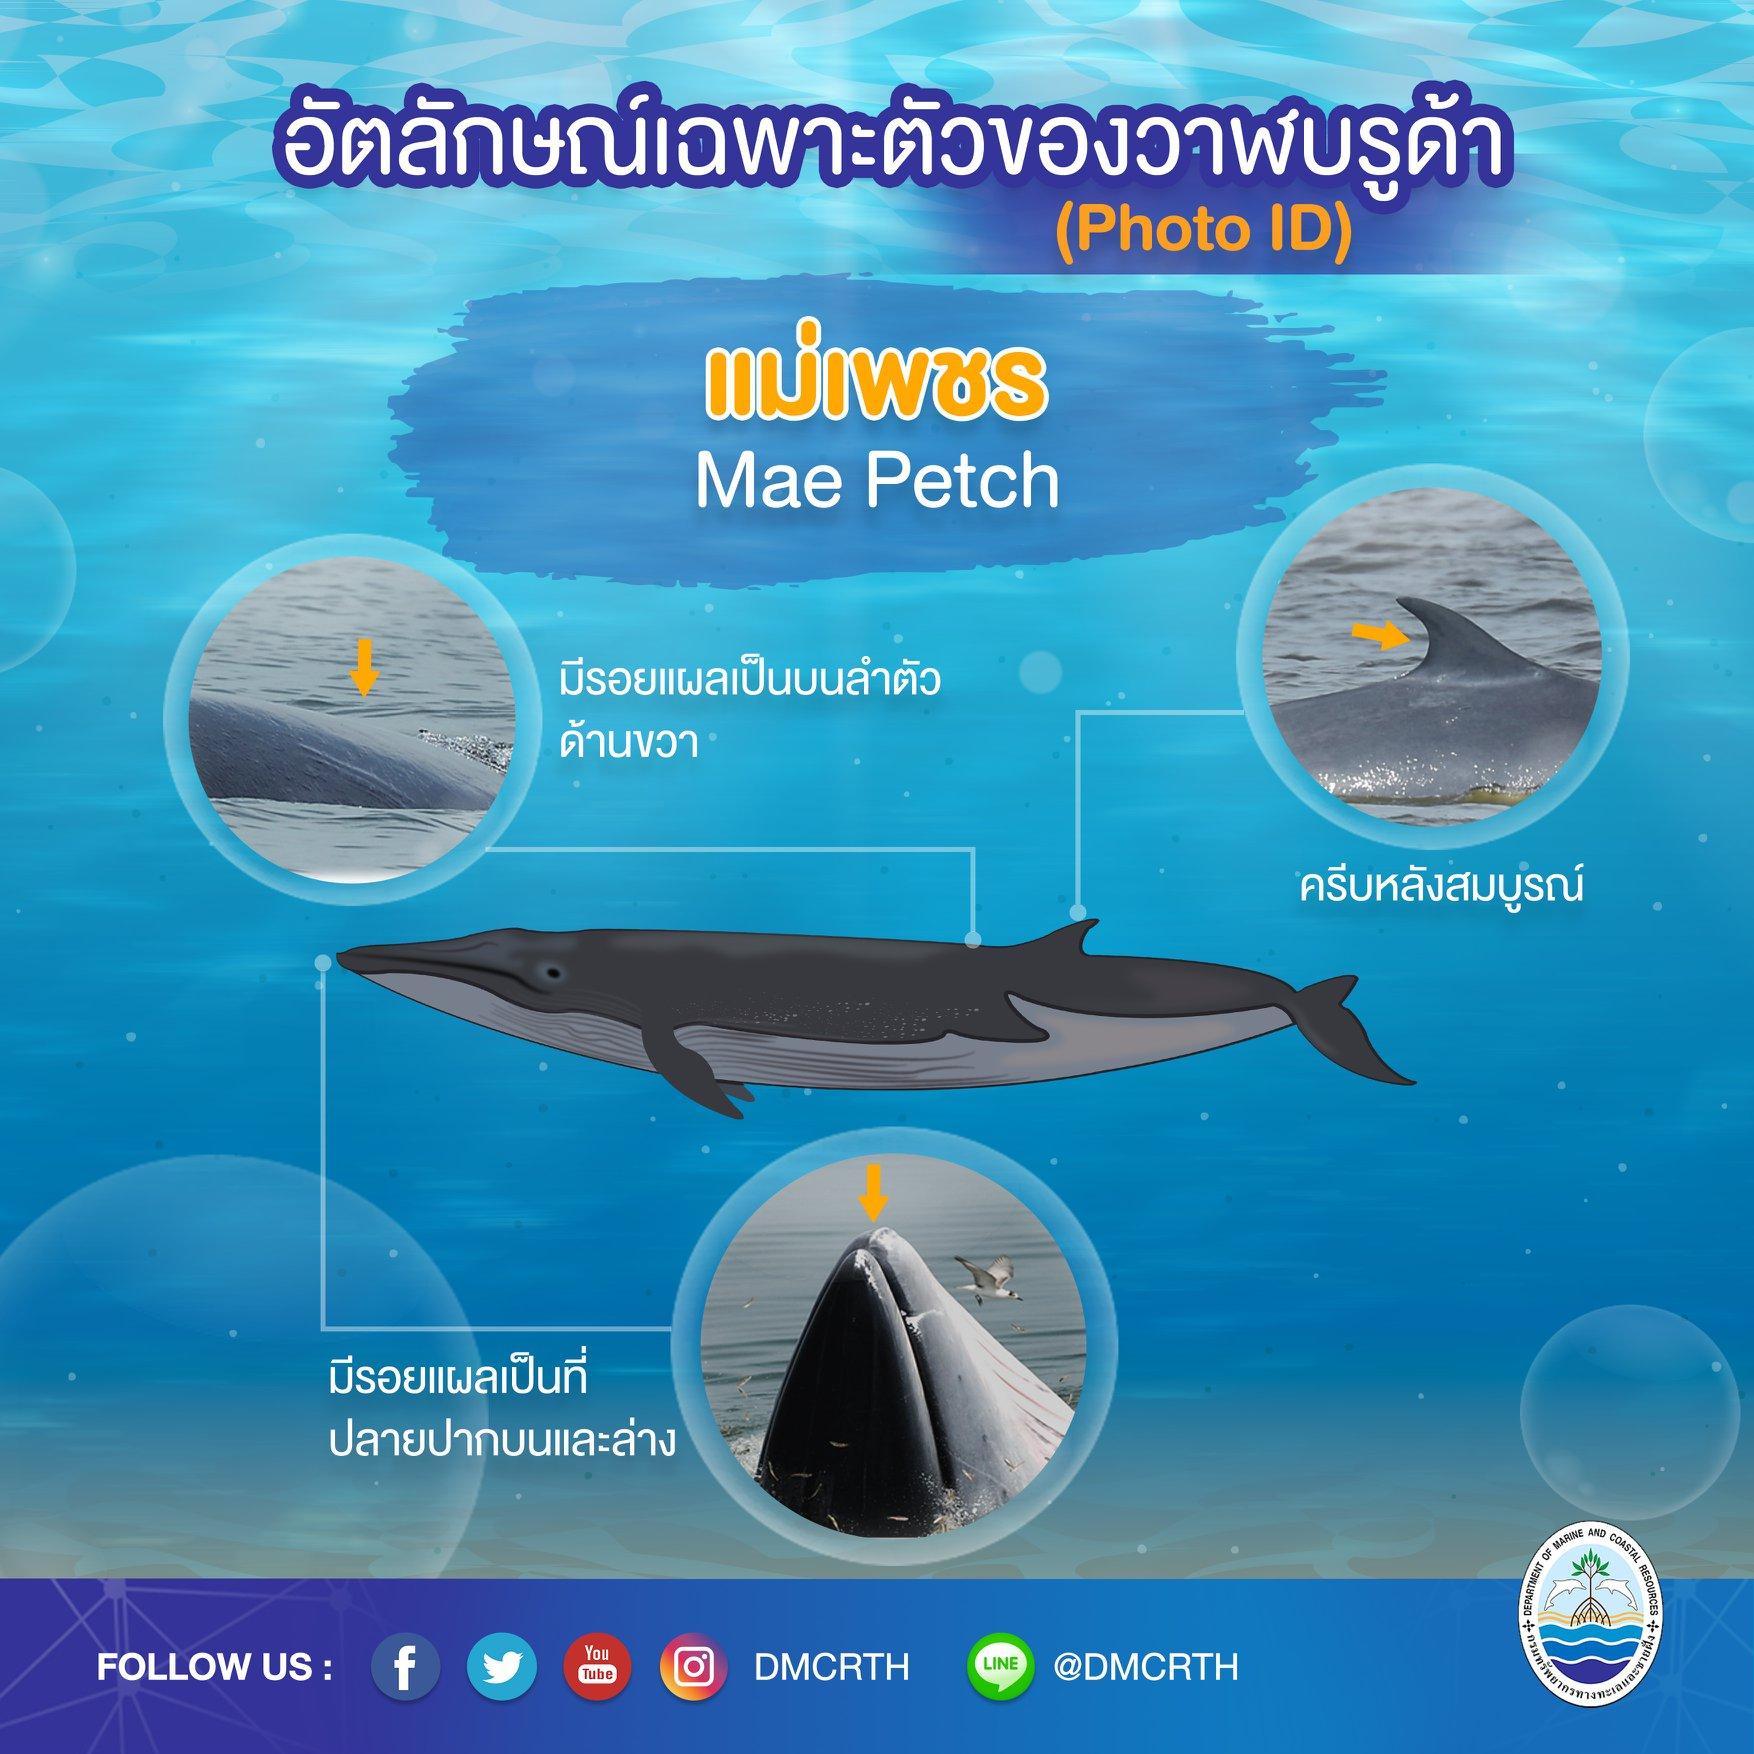 วันละวาฬ มารู้จัก ๖๐ วาฬบรูด้าในน่านน้ำไทย #๒ เจ้าเพชร